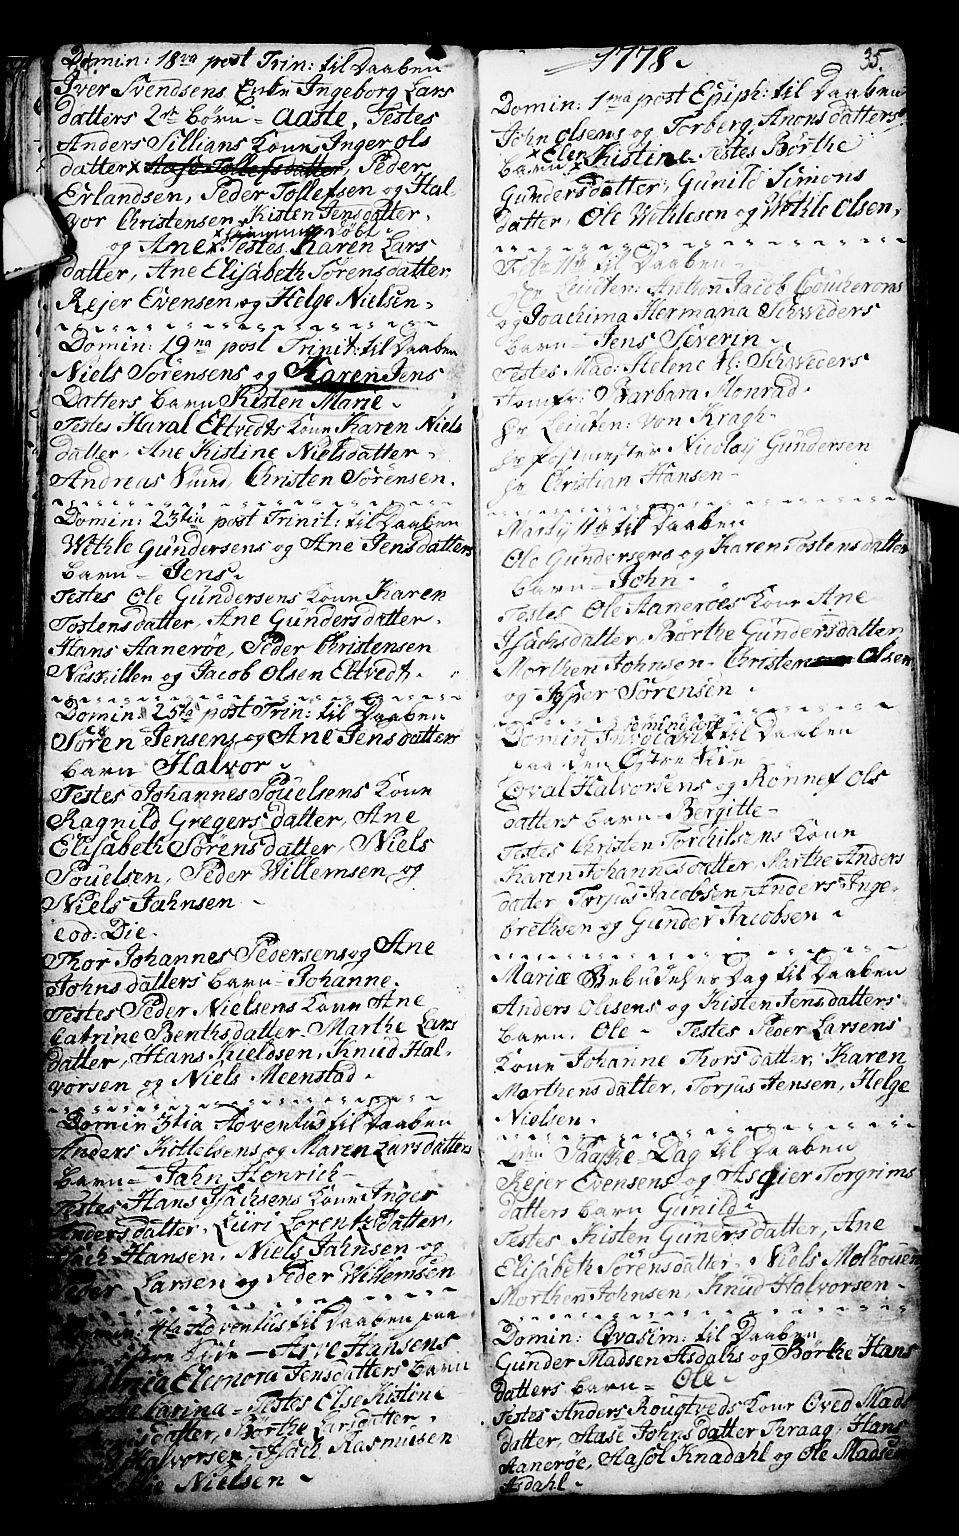 SAKO, Porsgrunn kirkebøker , G/Ga/L0001: Klokkerbok nr. I 1, 1766-1790, s. 34-35